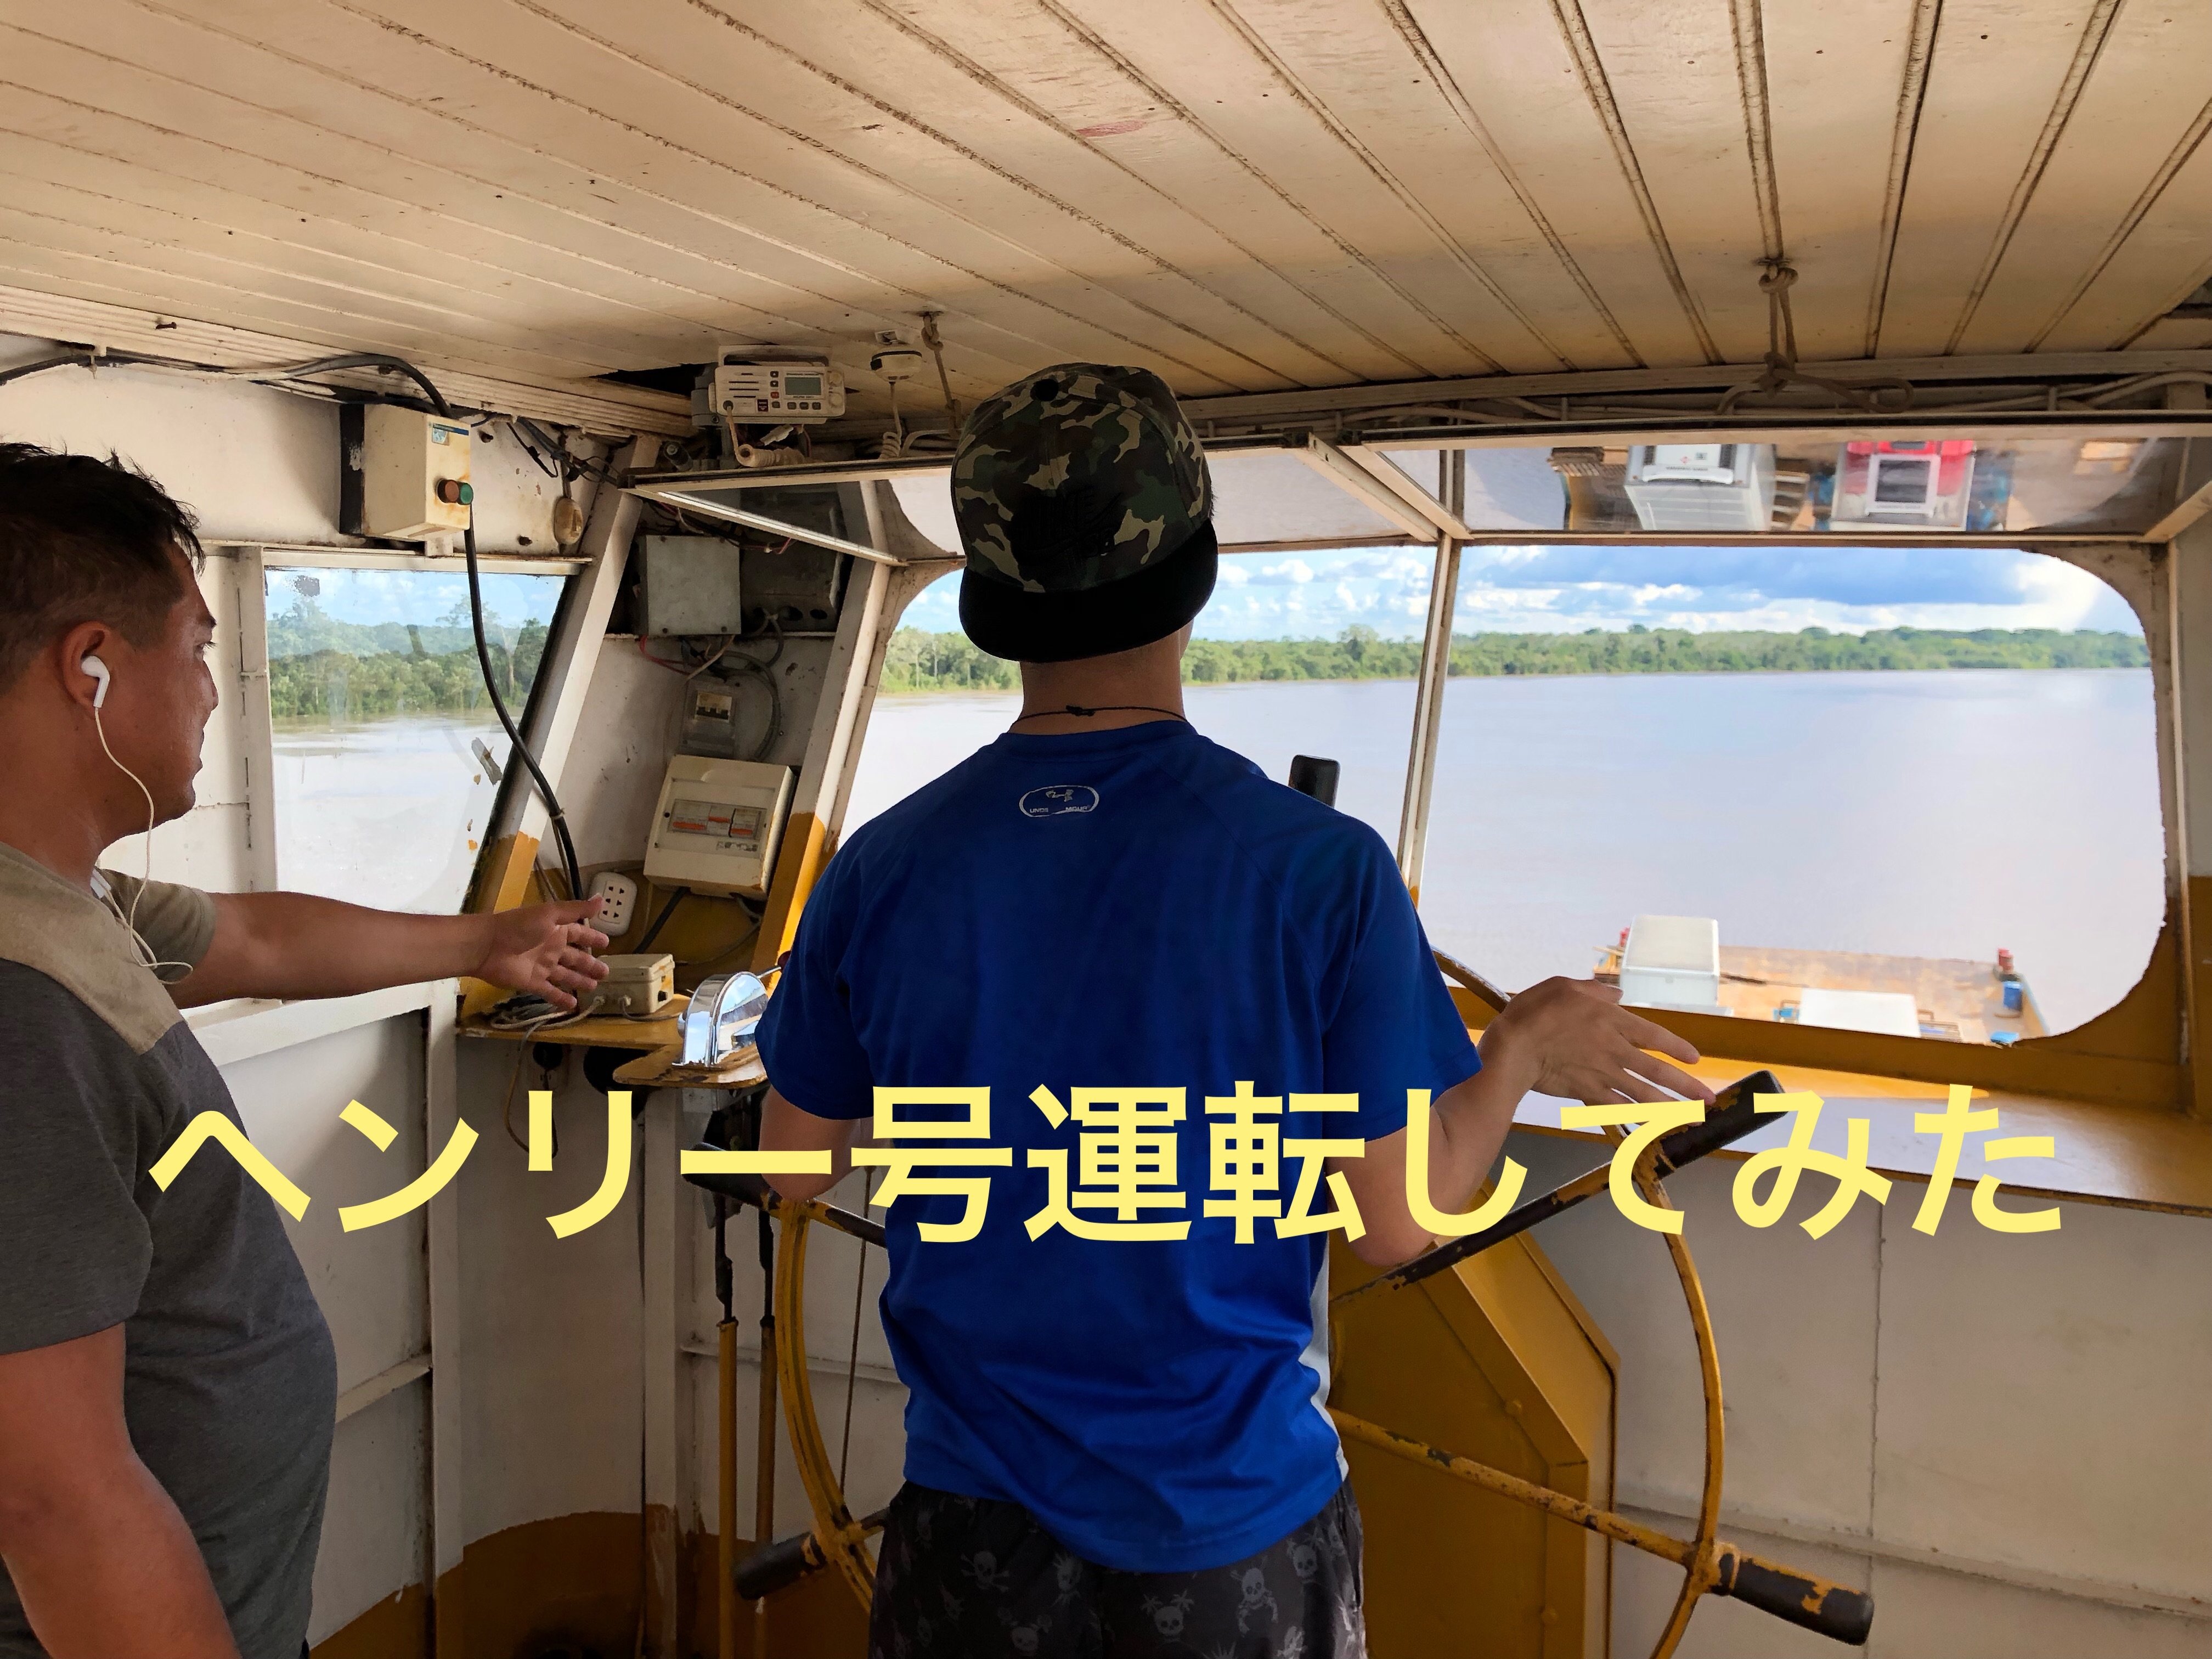 f:id:metahiro8958:20190217035912j:image